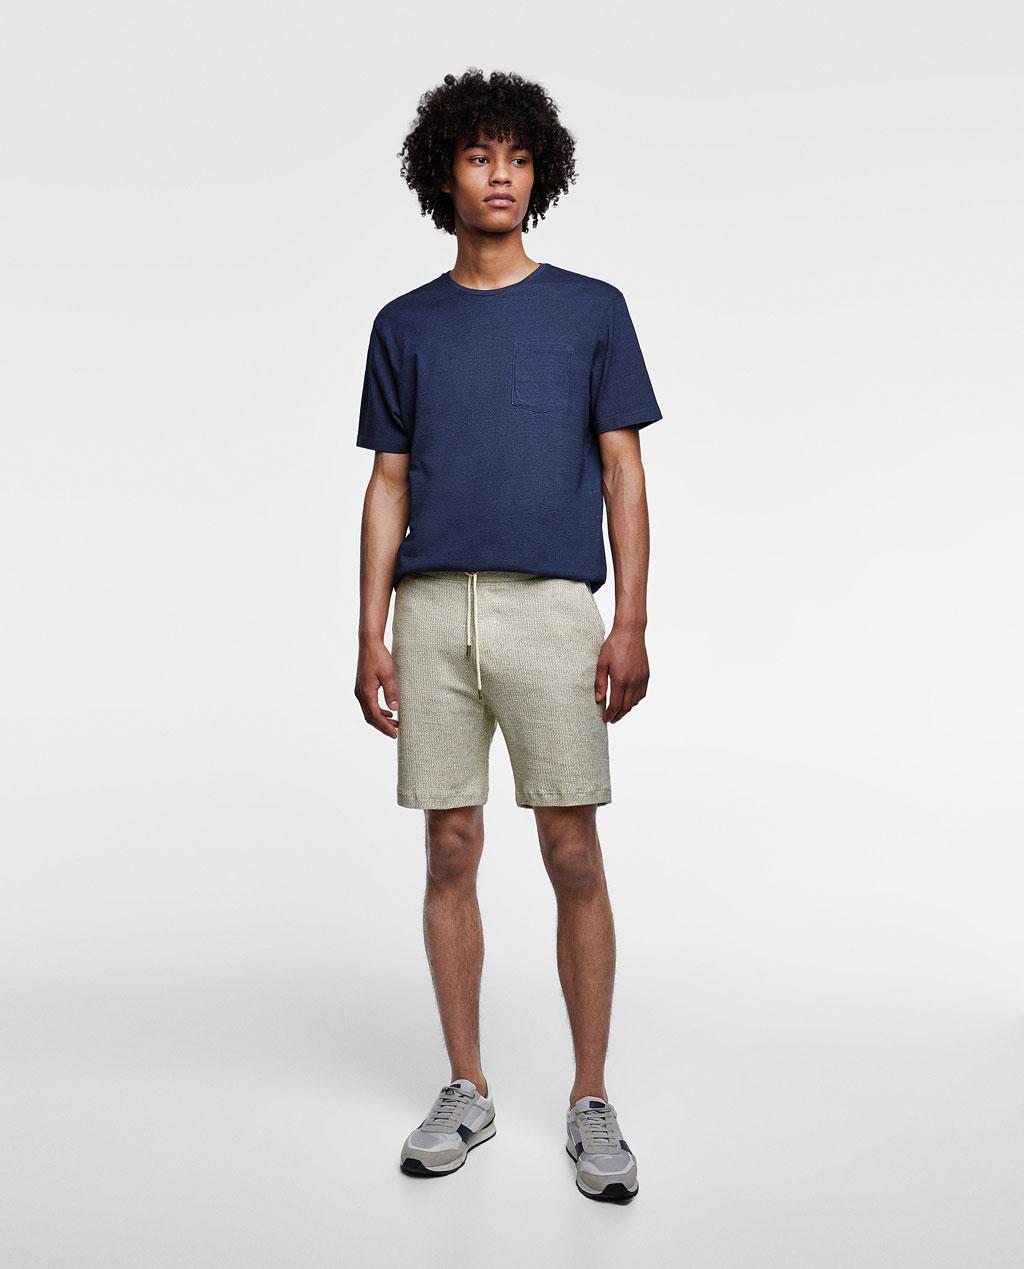 Thời trang nam Zara  24038 - ảnh 3